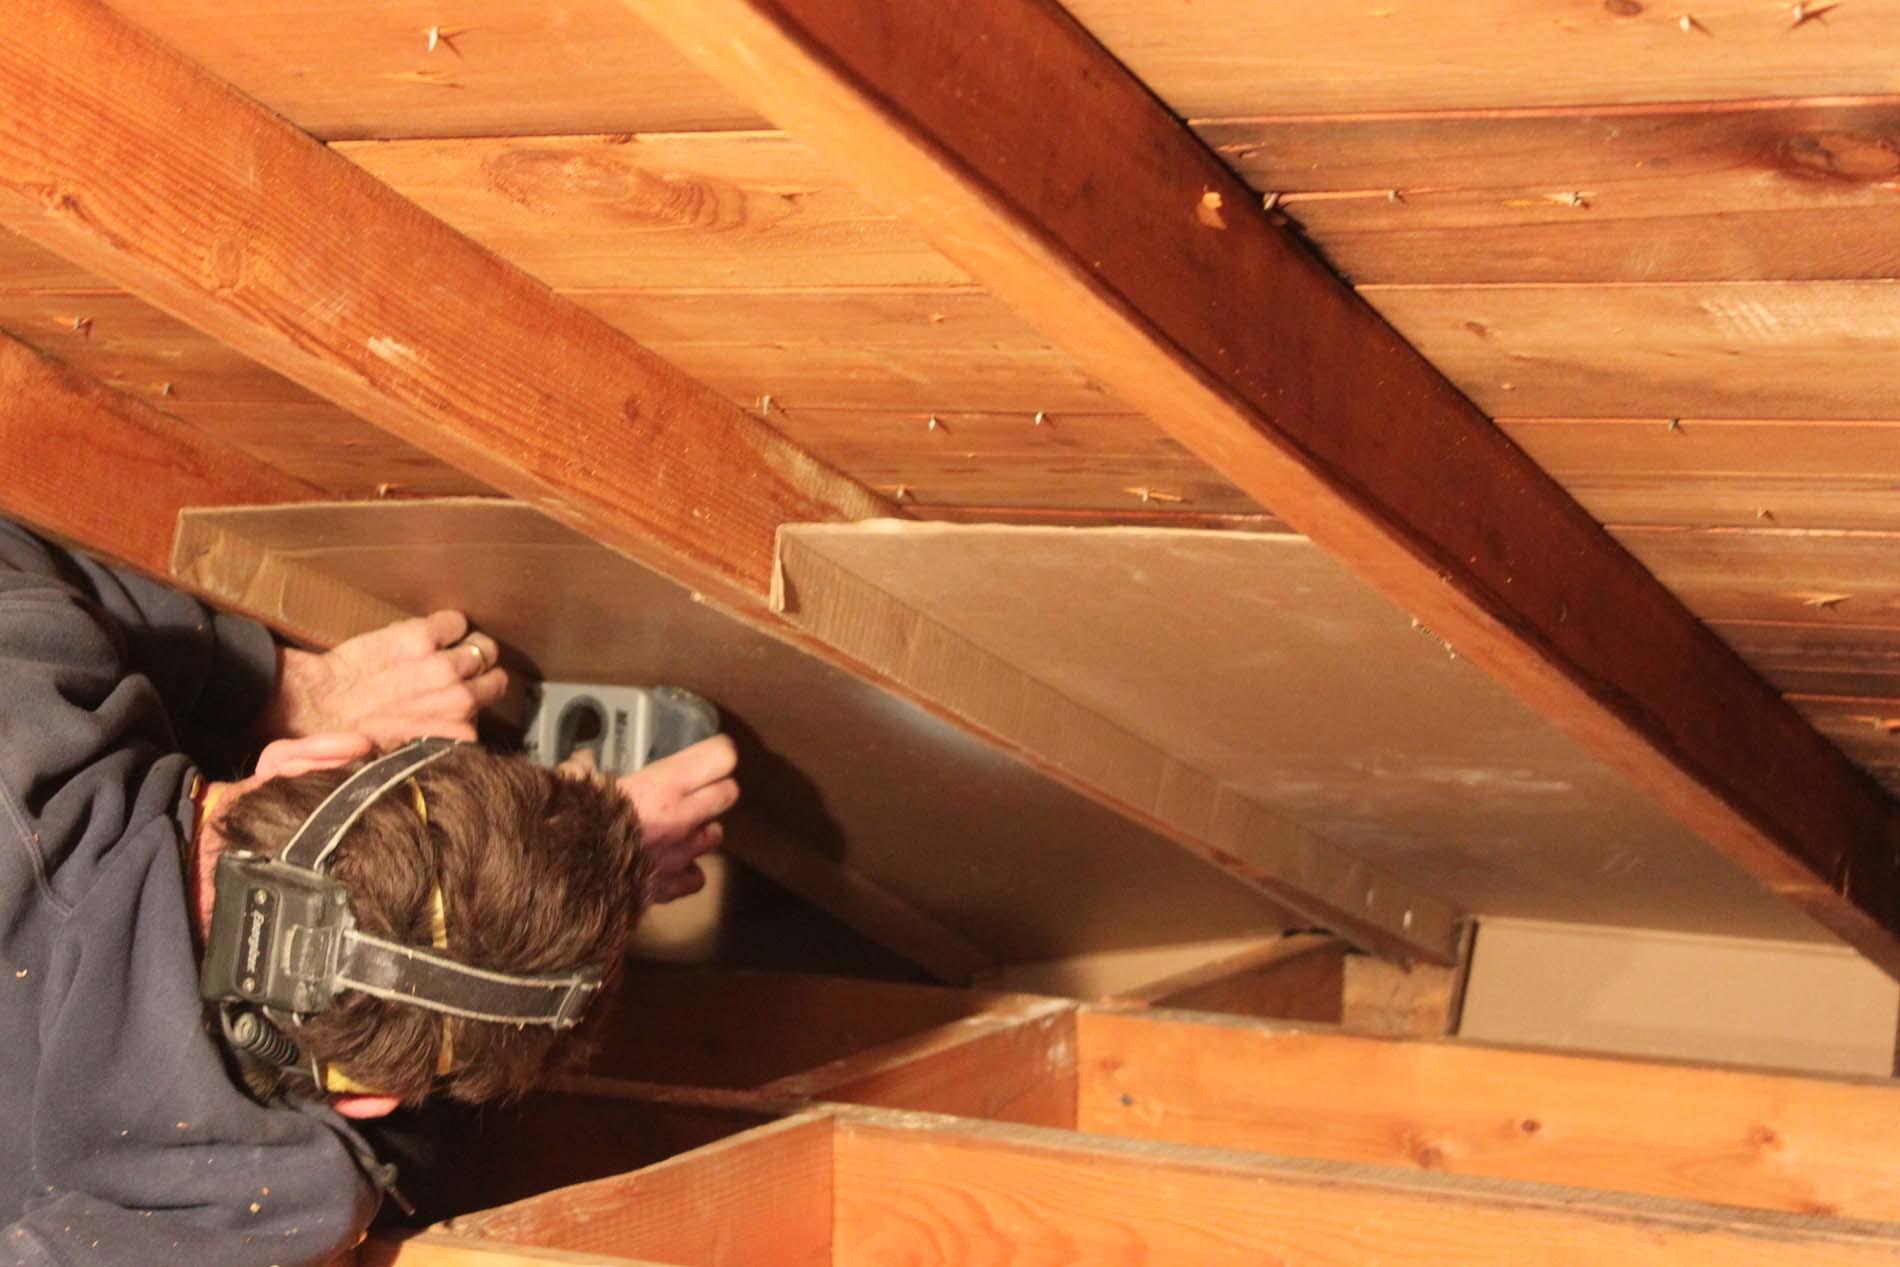 ventilation installation above all